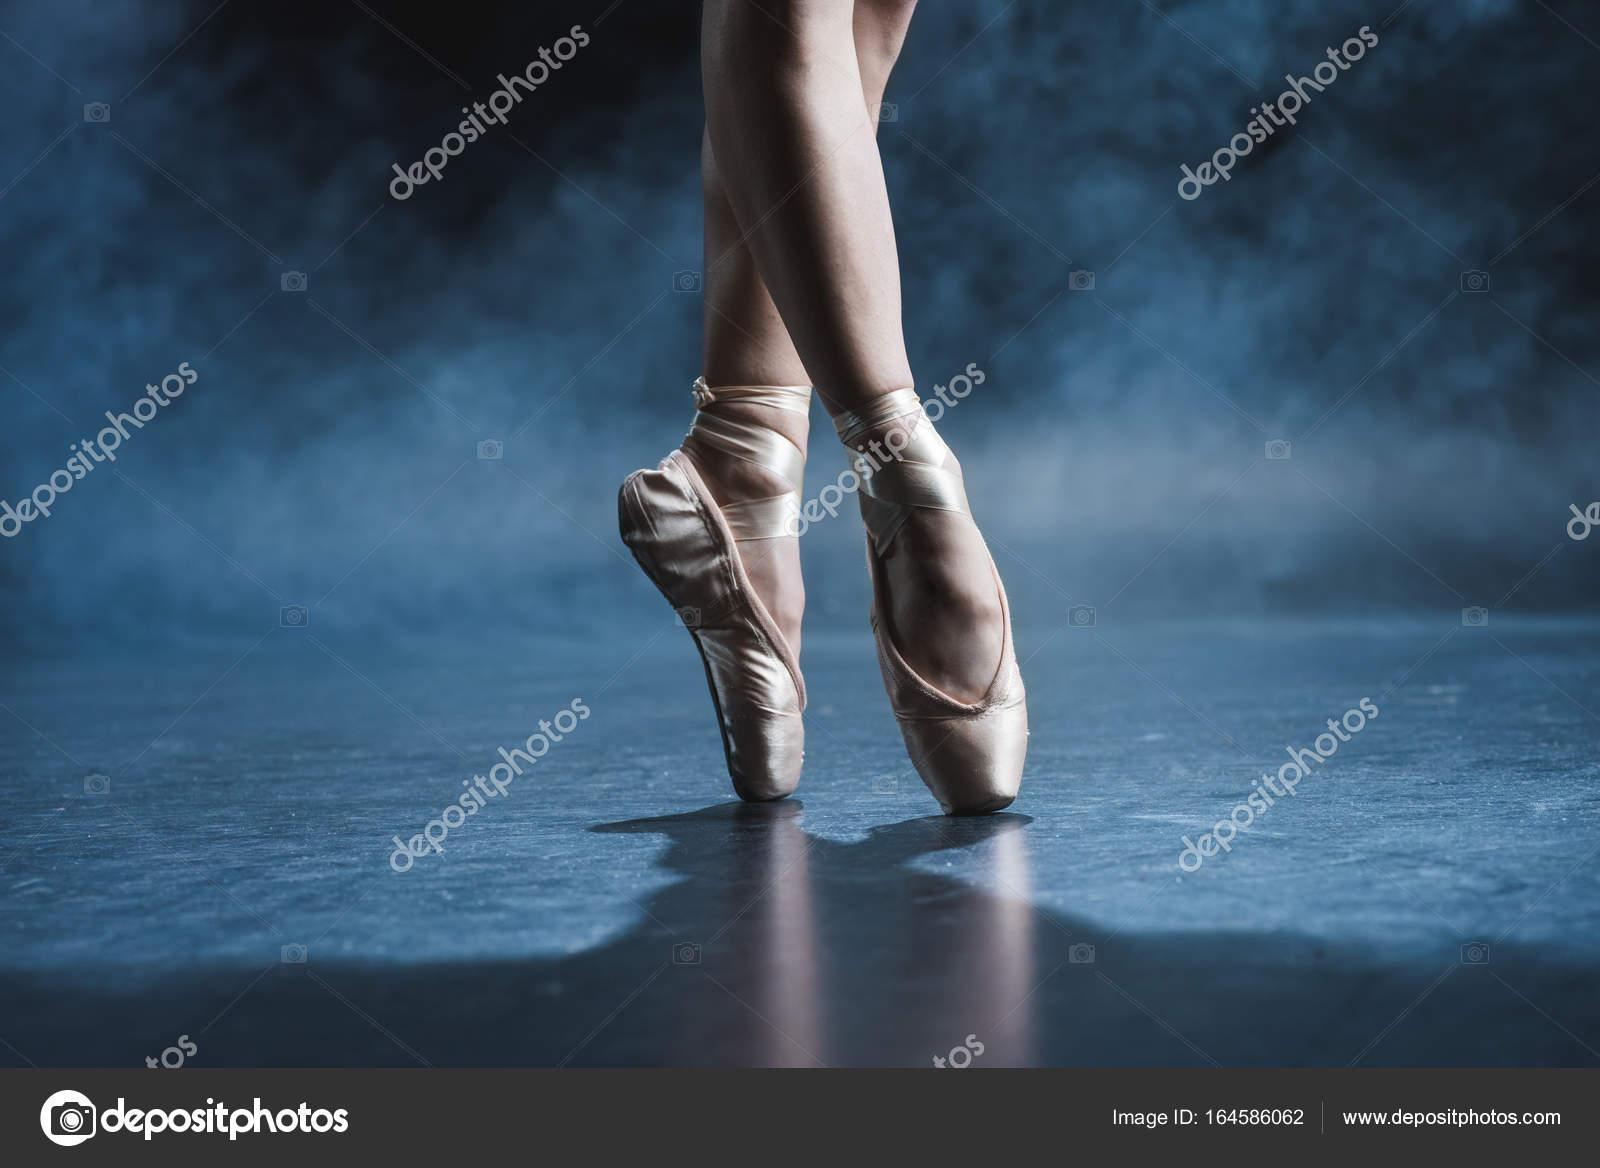 d73efb047 bailarín en los zapatos del pointe — Foto de stock © NatashaFedorova ...